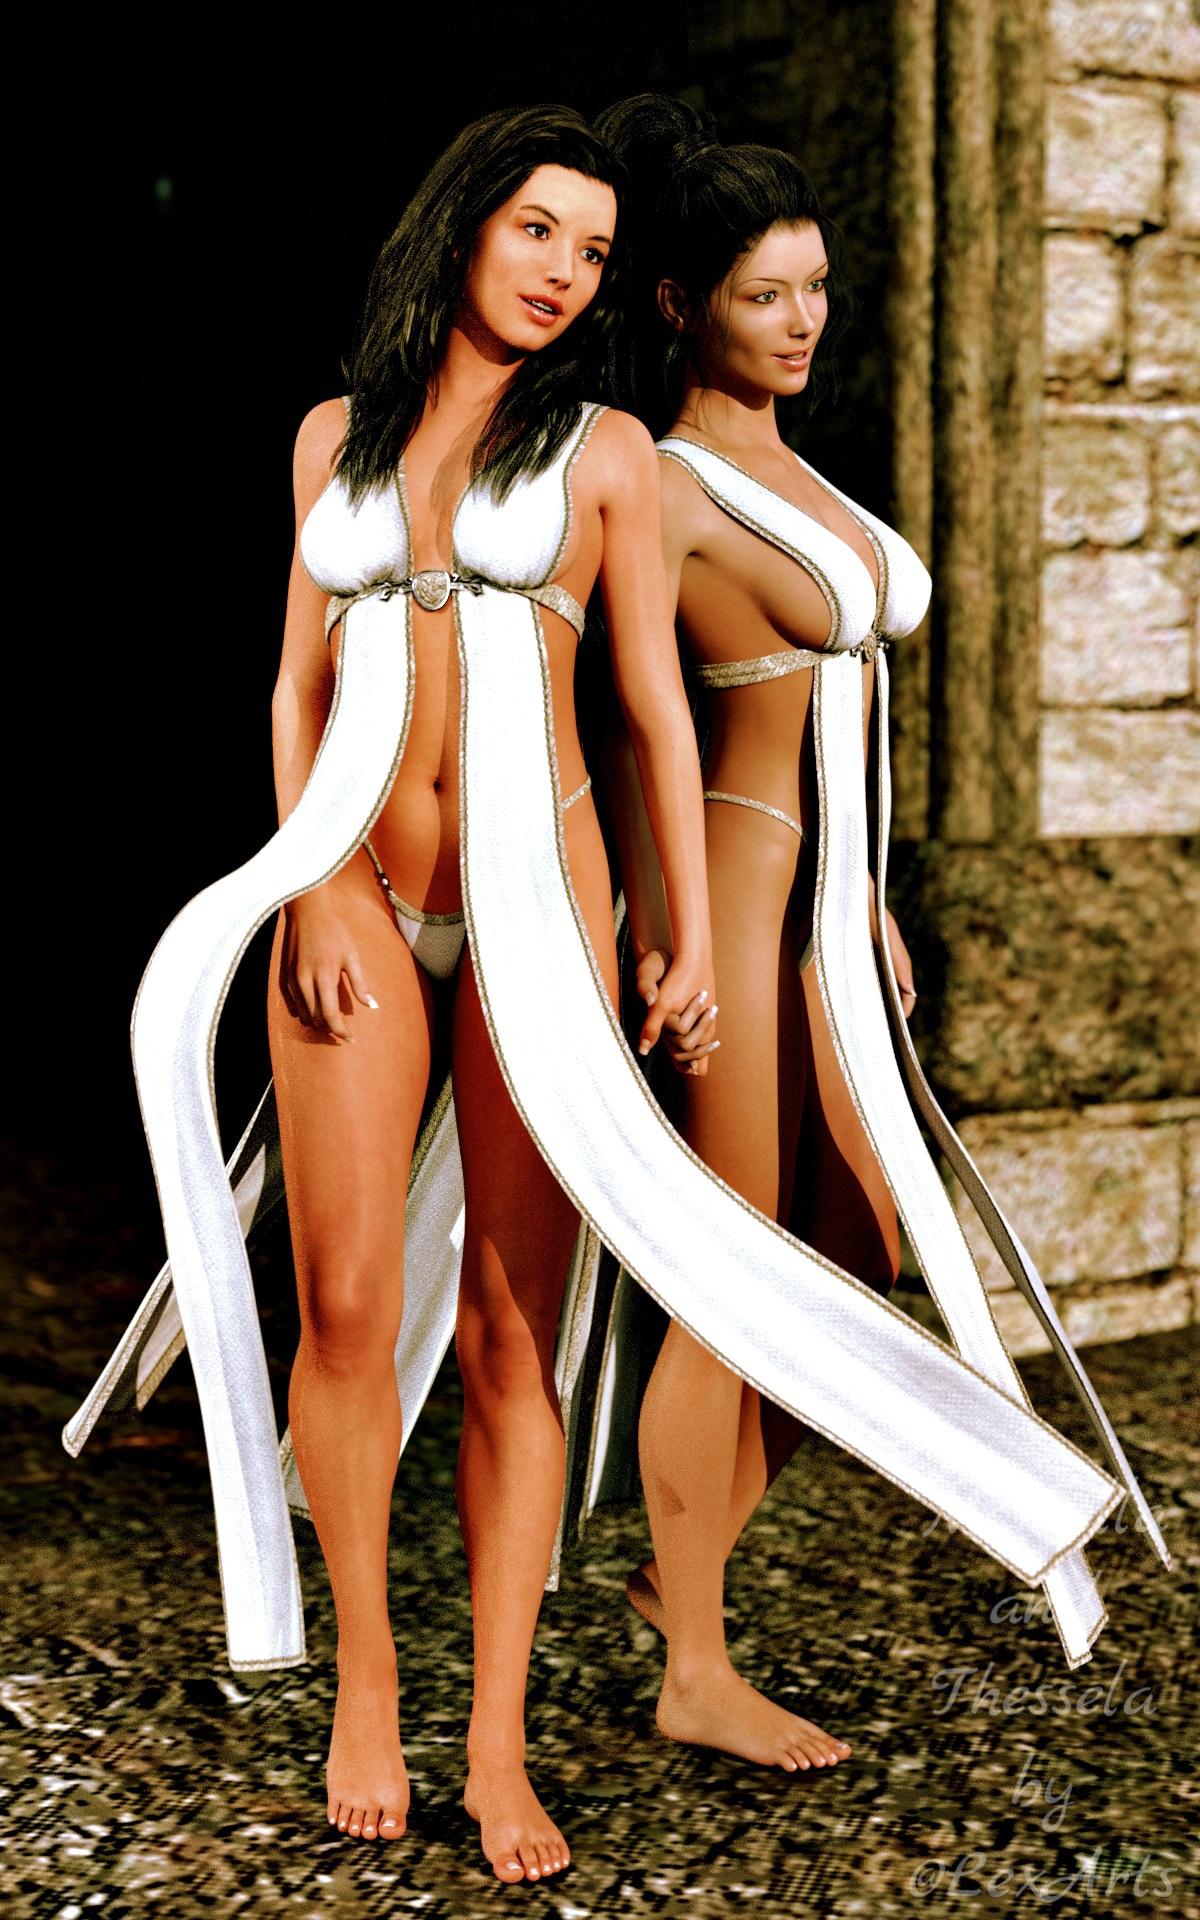 http://orig13.deviantart.net/eccc/f/2016/157/7/f/lady_marcella_and_lady_thessela_by_hasturan-da5arv5.jpg